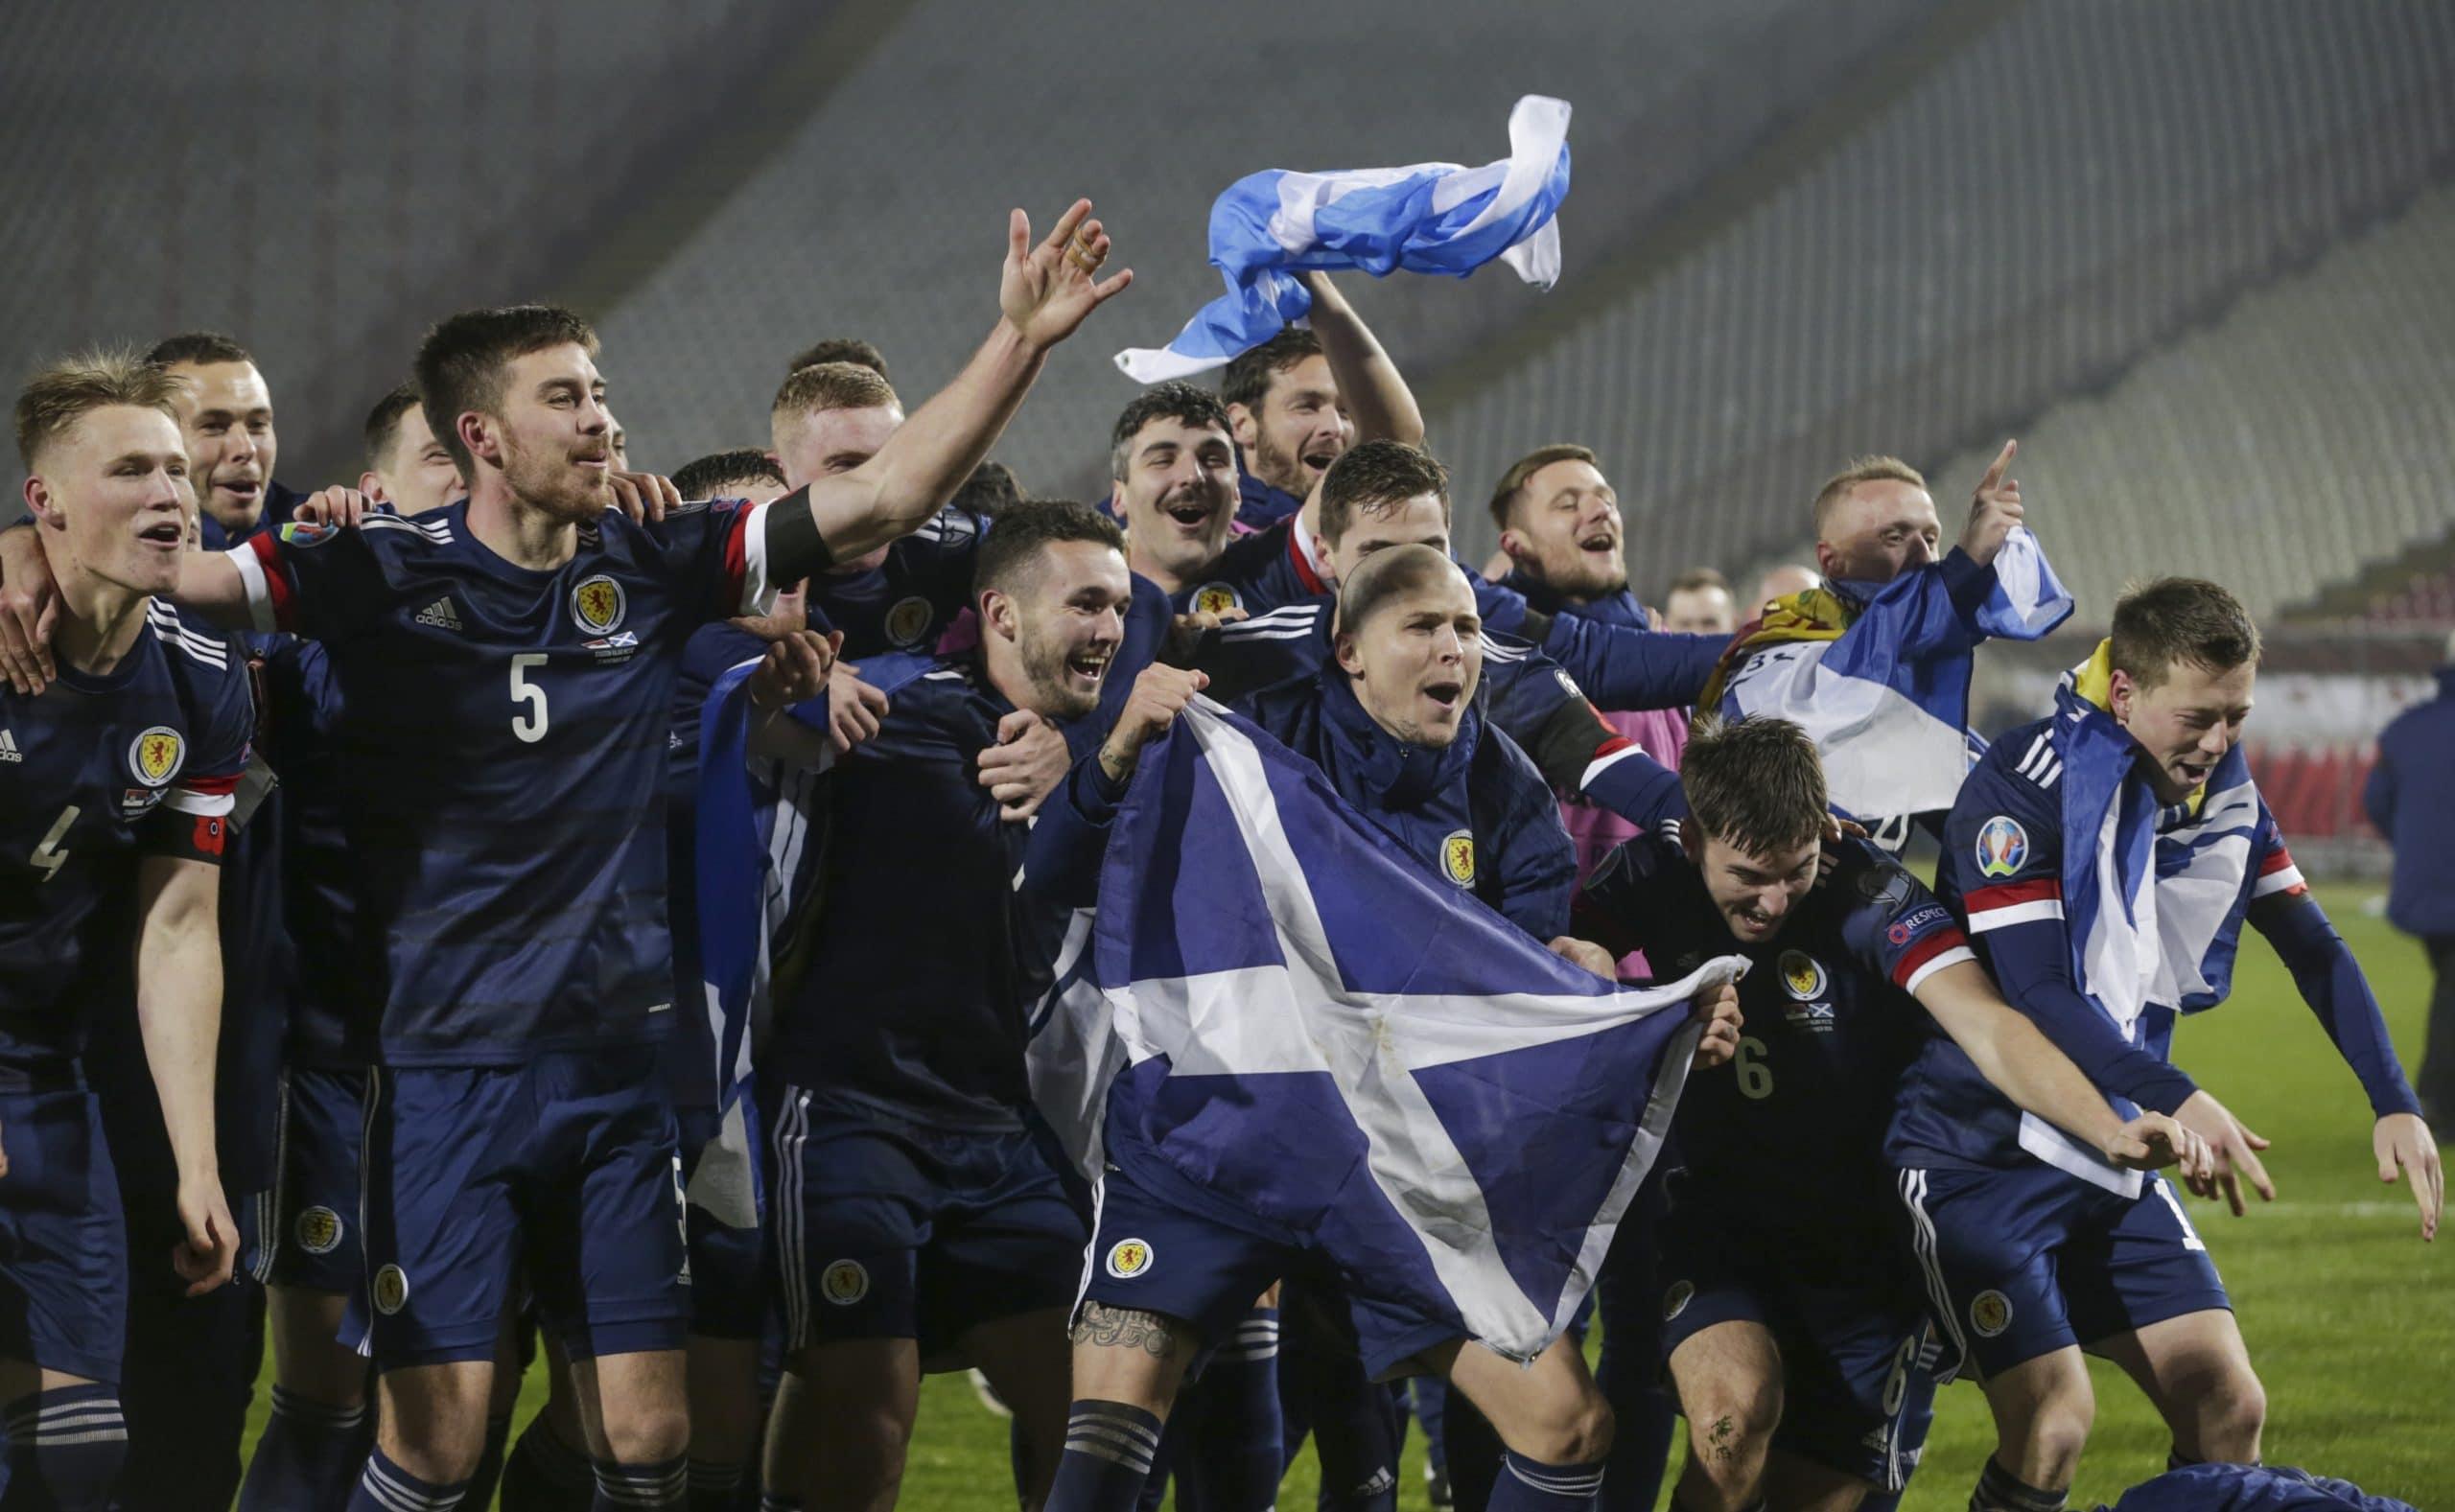 EURO 2020: Škotska okončala čekanje dugo 23 godine 1